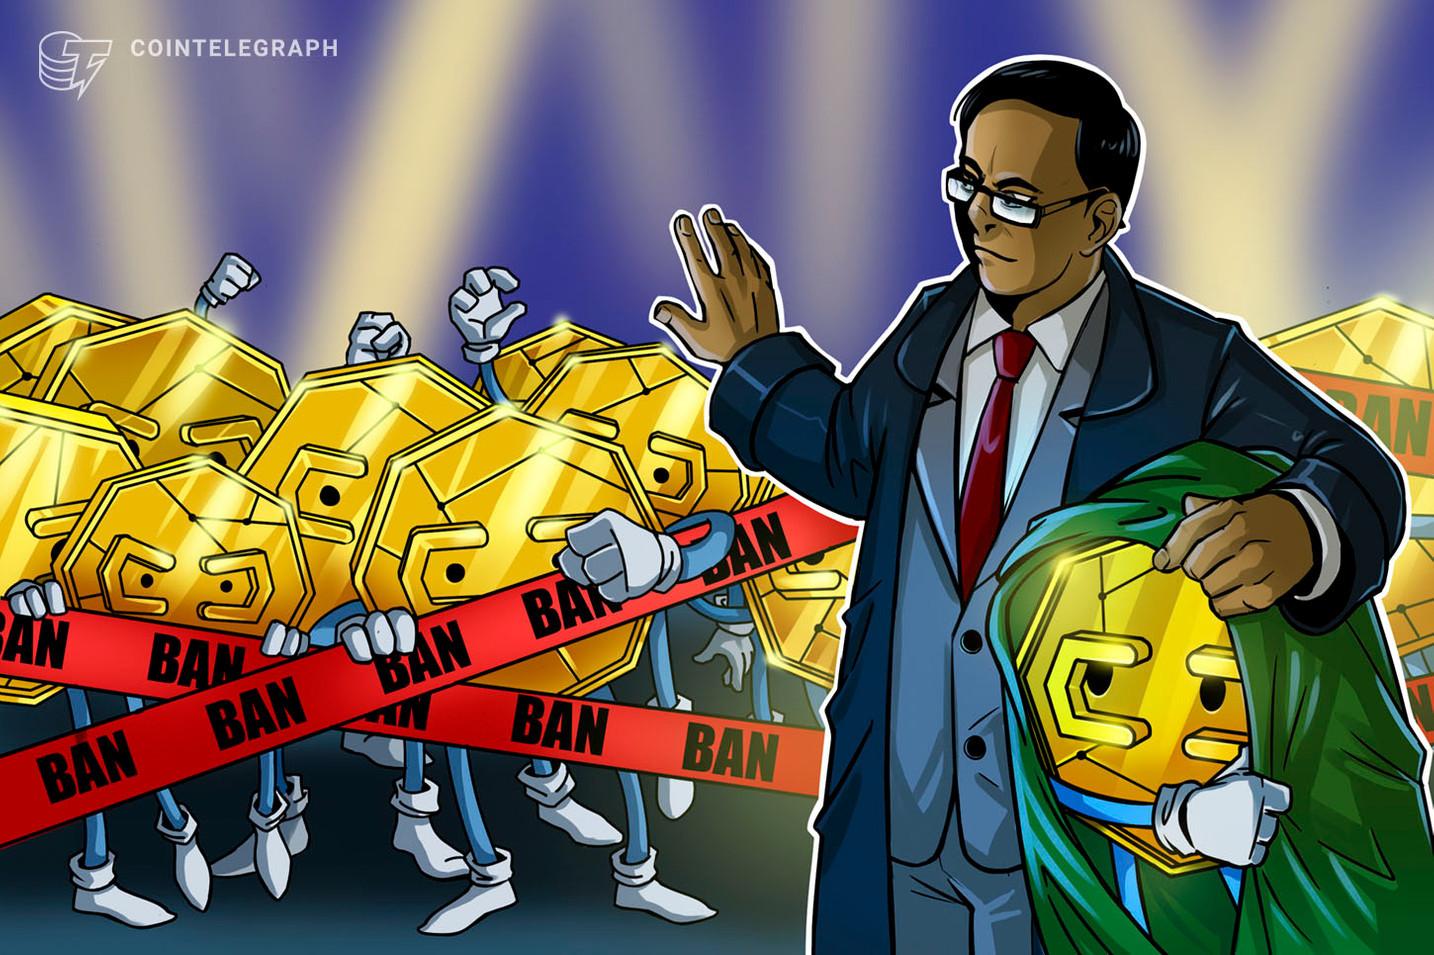 Quatro notícias que antevêem banimentos e criminalizações relacionadas ao Bitcoin na China